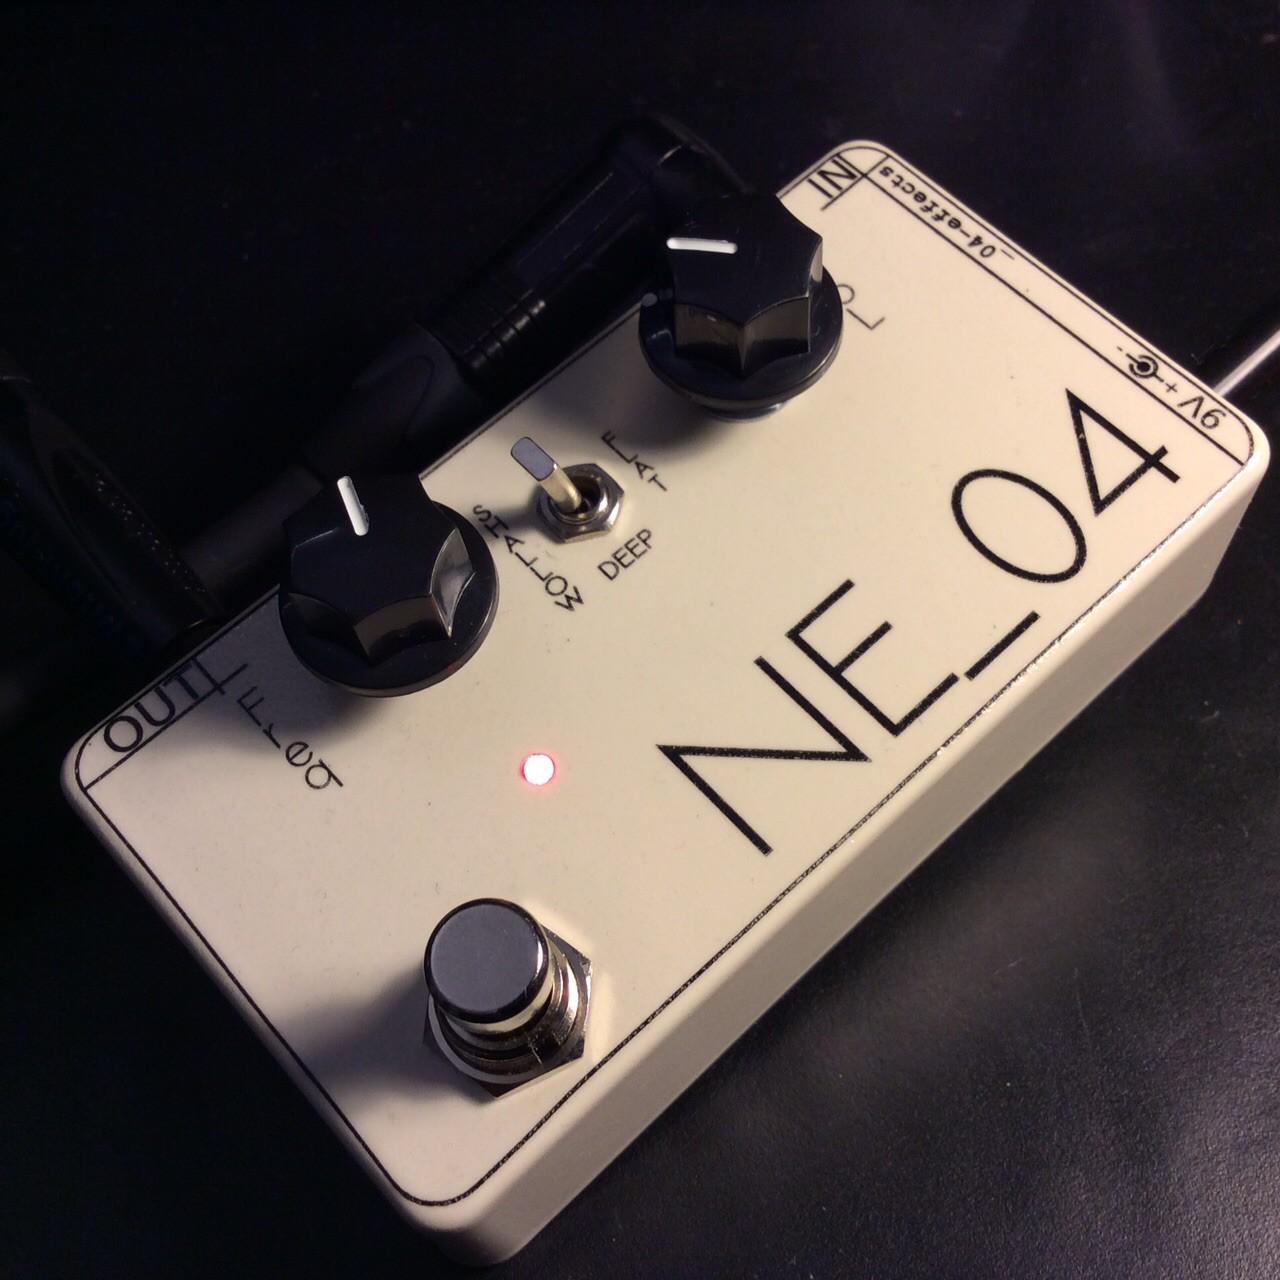 NE 04 Pedal Detail